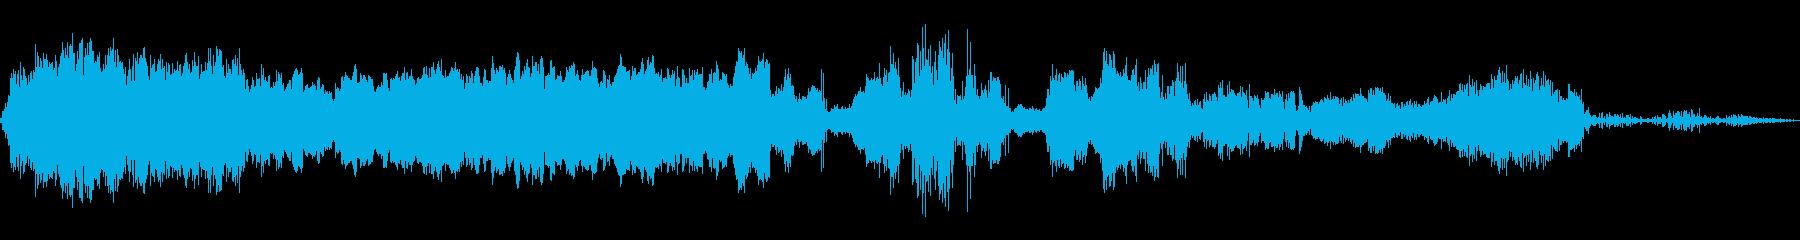 歪んだ現実の音楽パッドの再生済みの波形